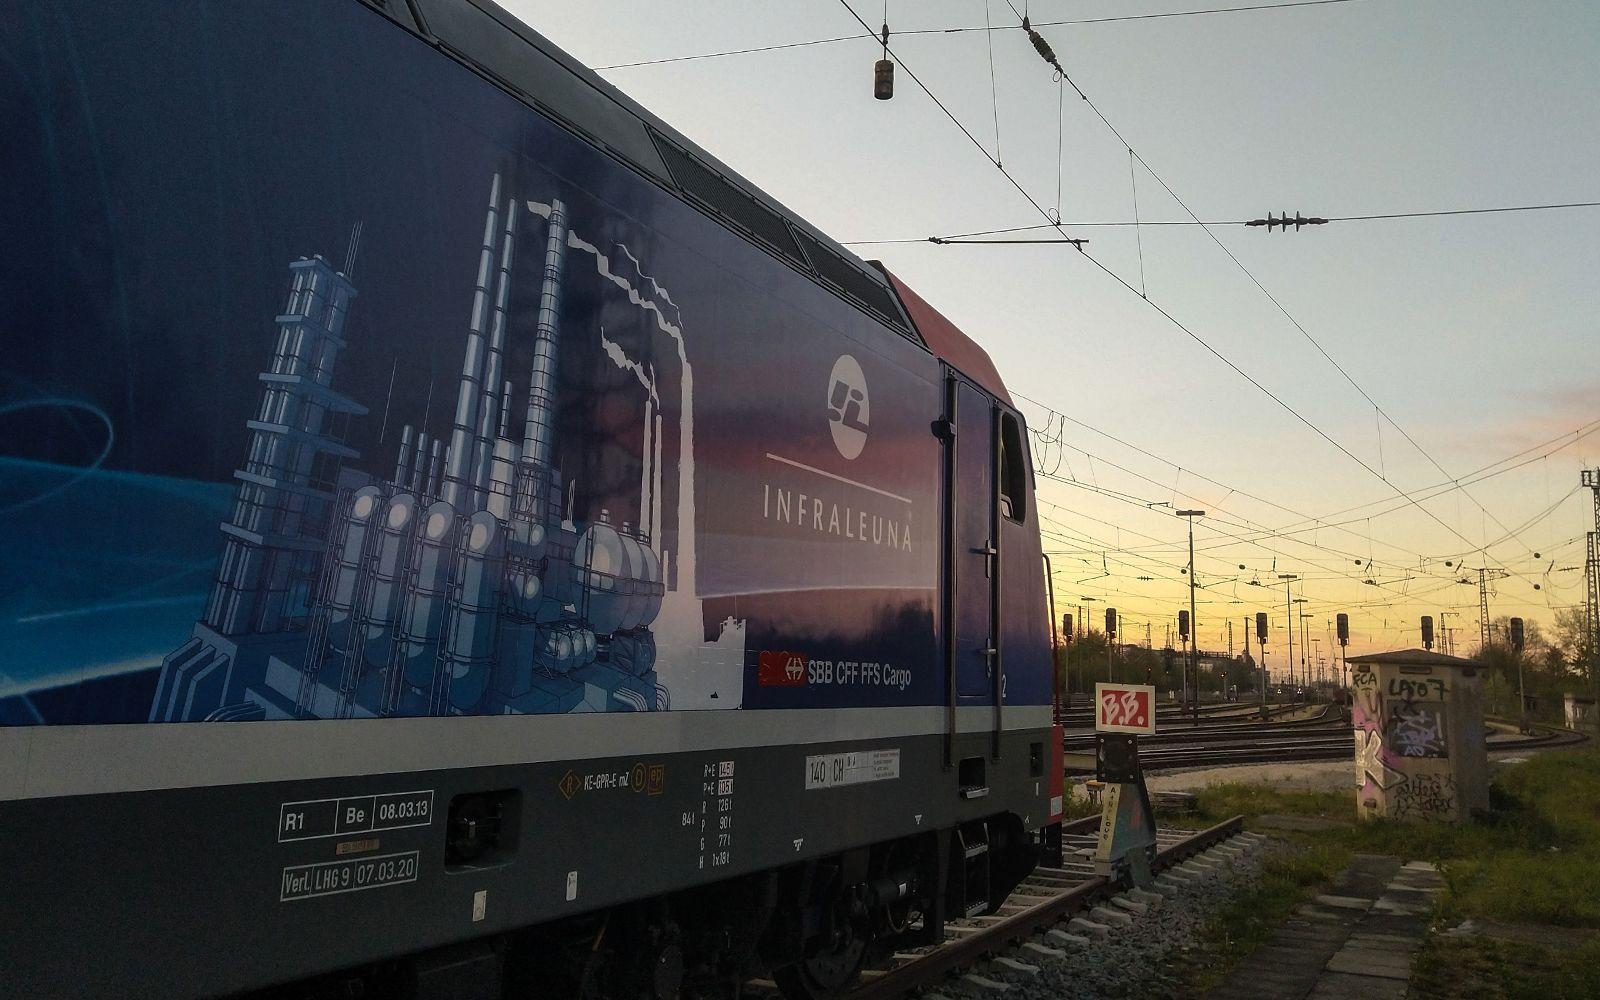 ©Foto: Denis Herwig | railmen | Lokführer im Dienst für InfraLeuna | Sonnenuntergang bei Augsburg